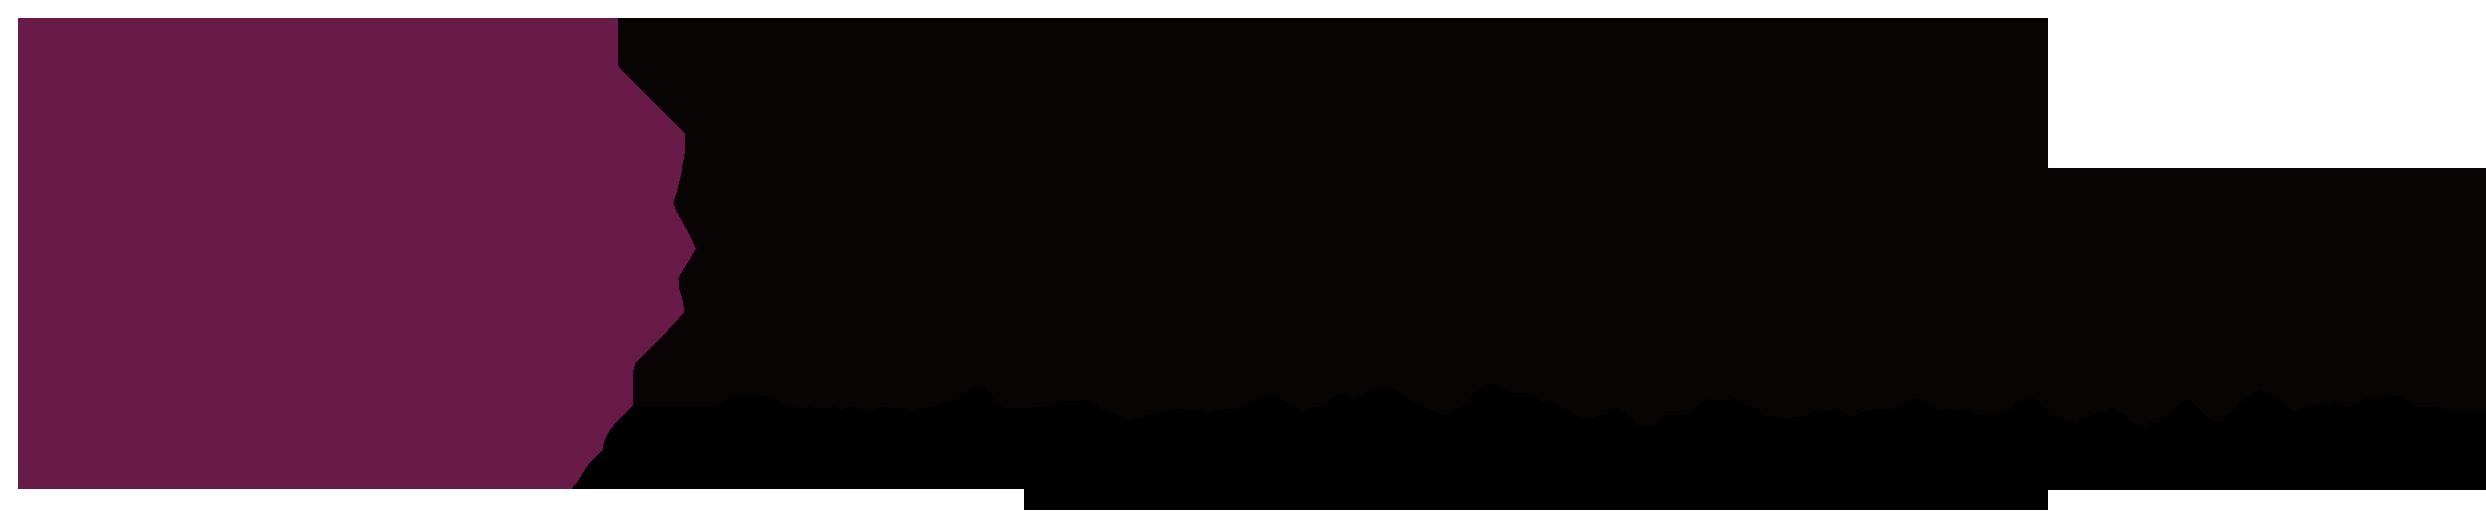 一般社団法人 三才占學誠山協会